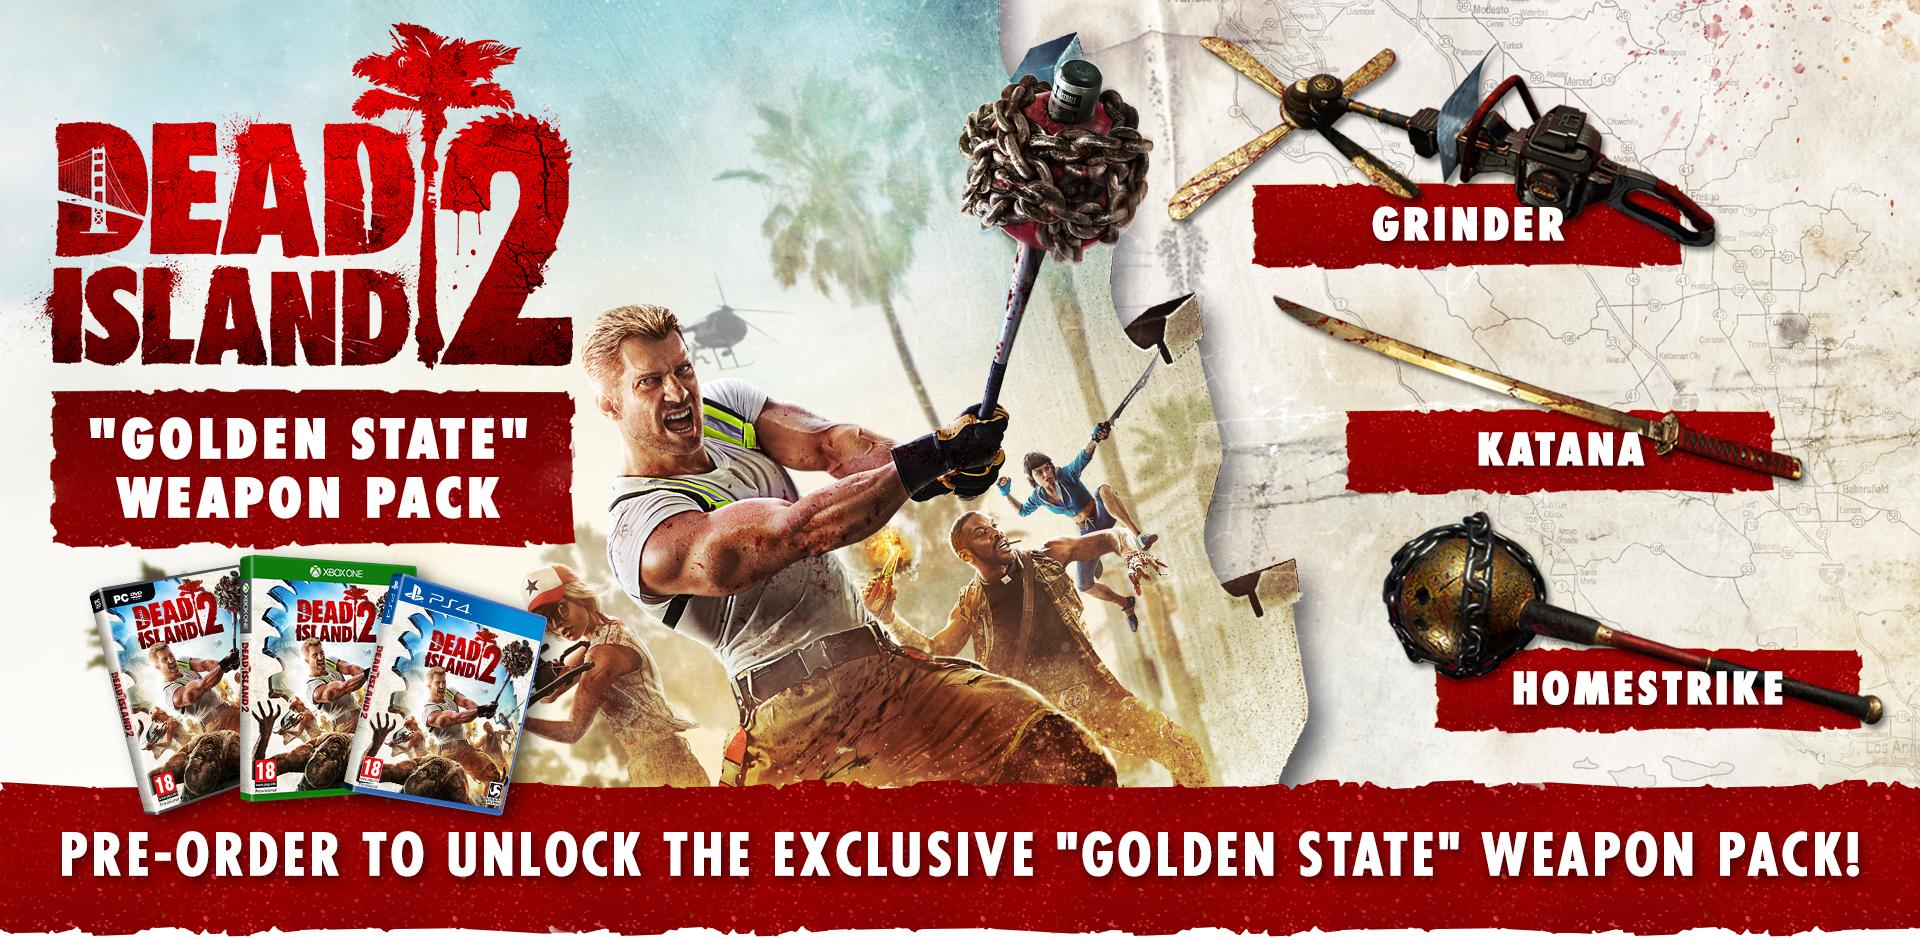 Dead island 2 release date